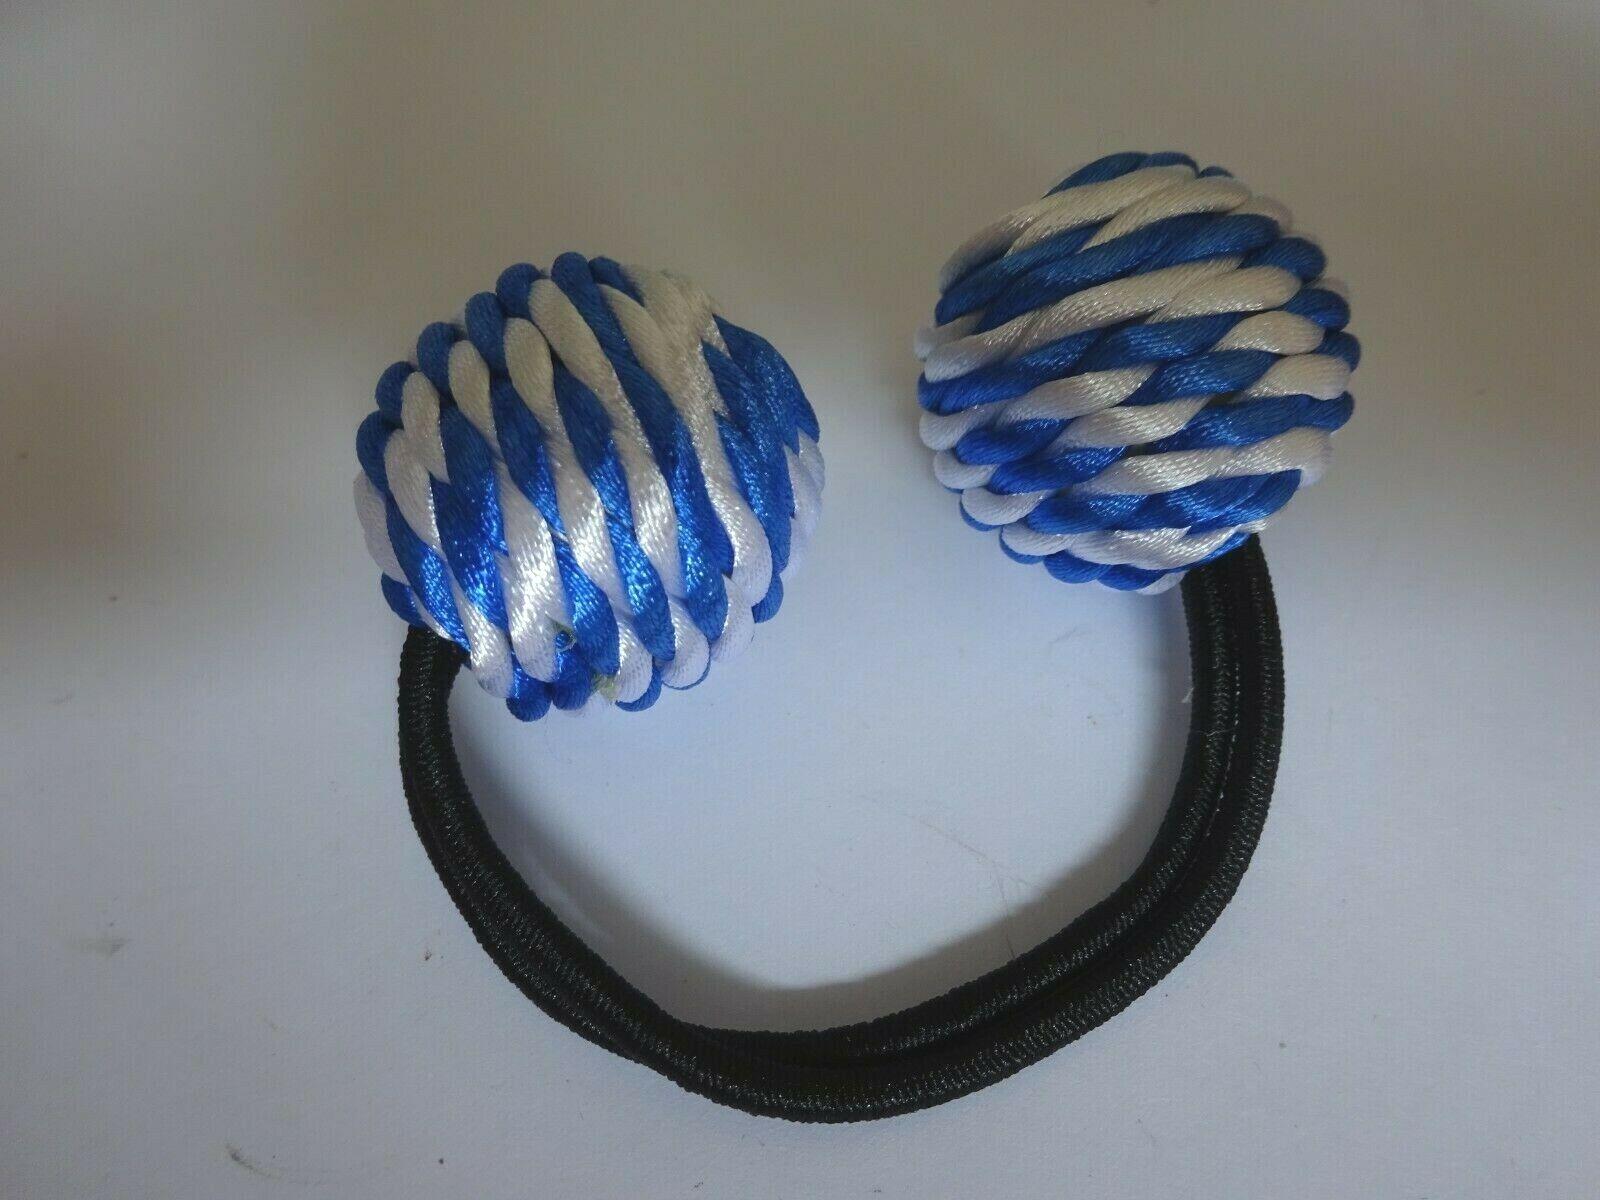 Zopfhalter Gummi schwarz Kugel blau weiß 3 cm Zenner